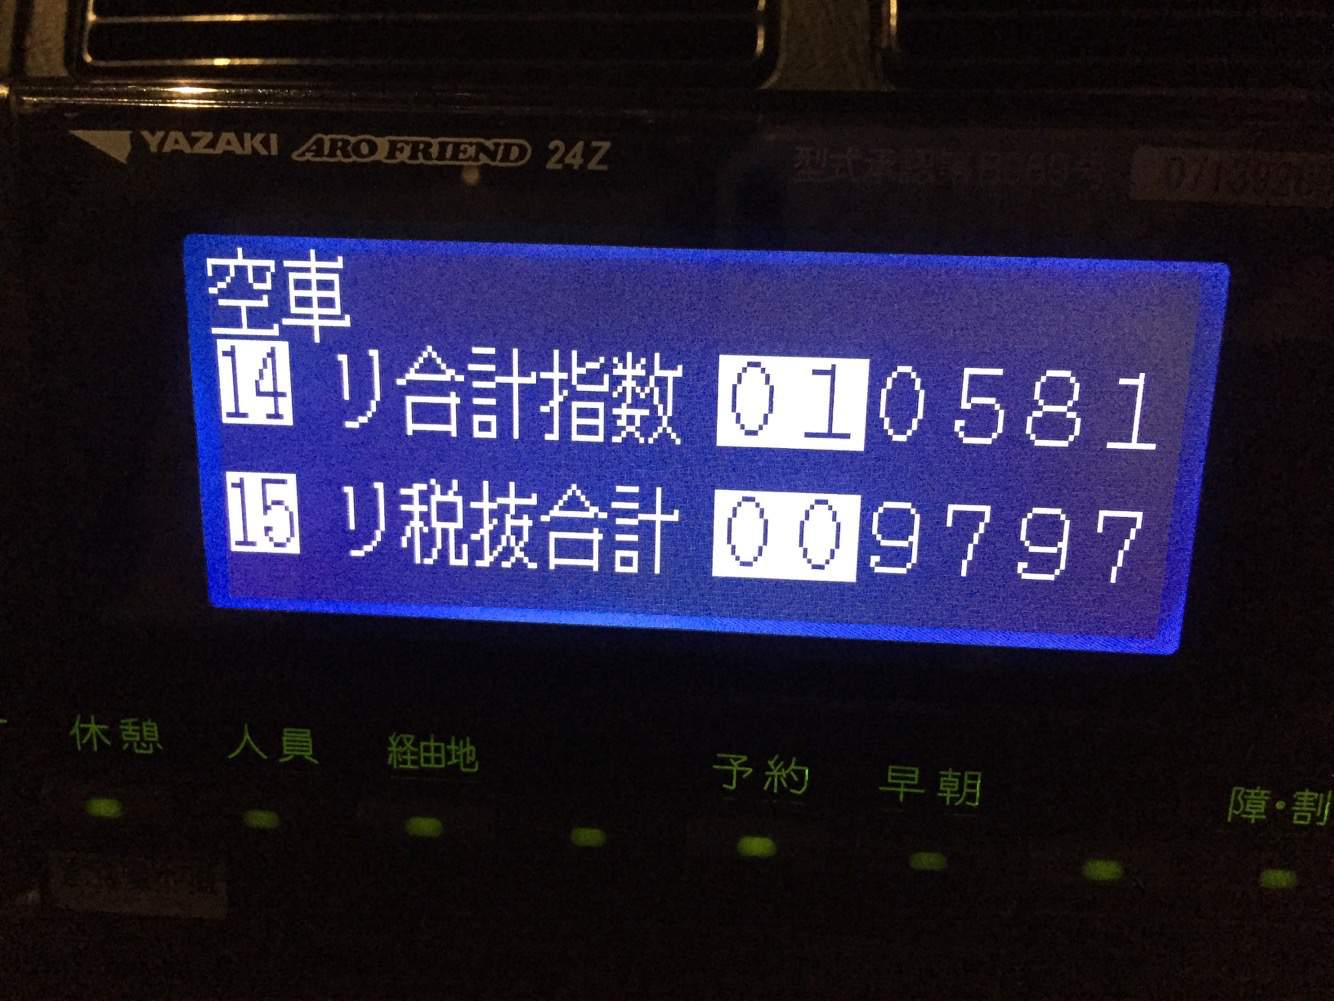 売上10万超え達成!成田定額の仕事を回して頂いた会社の師匠に感謝した1日【乗務記録92日目】